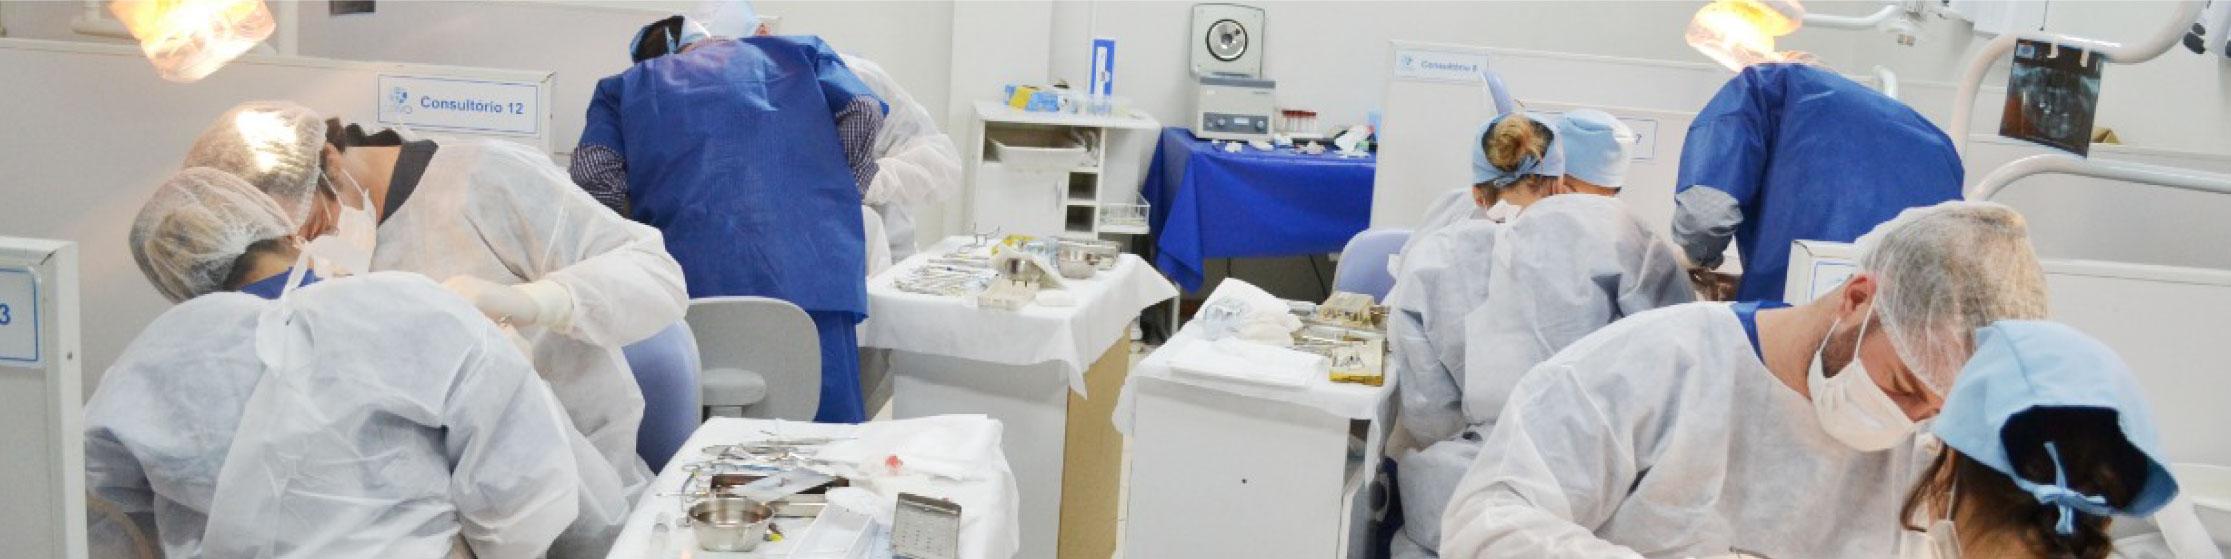 Imagen que representa al partner cevo de la plataforma de odontología de Inspiria